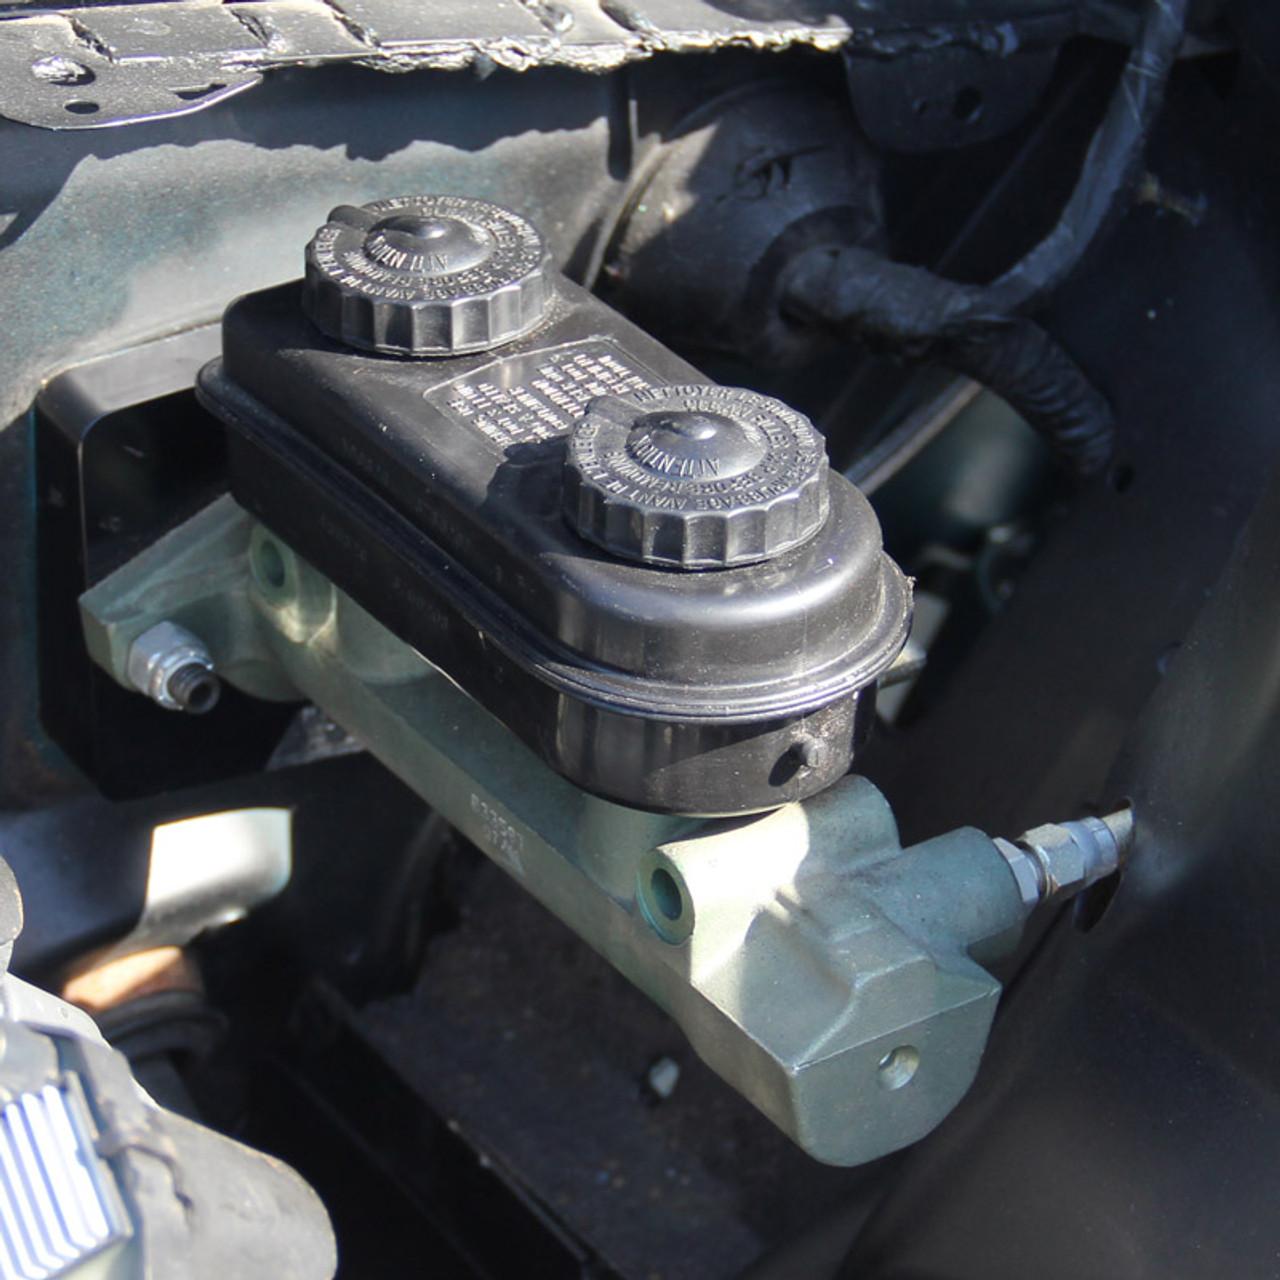 UPR 1994-2004 Mustang Billet Manual Brake Adapter Fittings ...